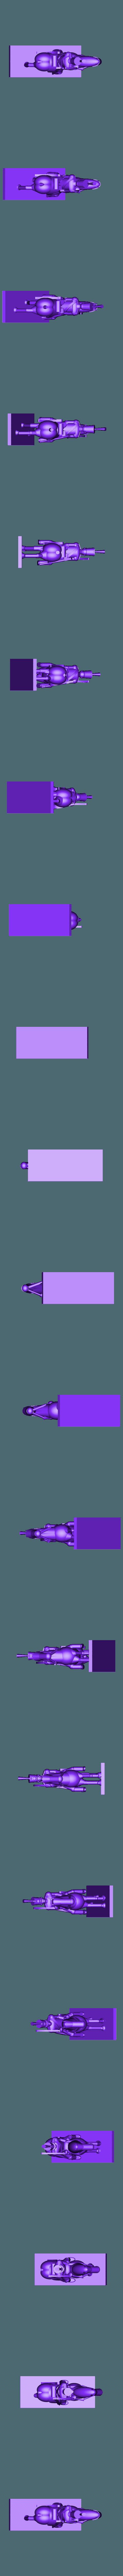 chass1_1.stl Télécharger fichier STL gratuit Napoléoniens - 2ème partie - Français / Alliés Cavalerie • Plan imprimable en 3D, Earsling